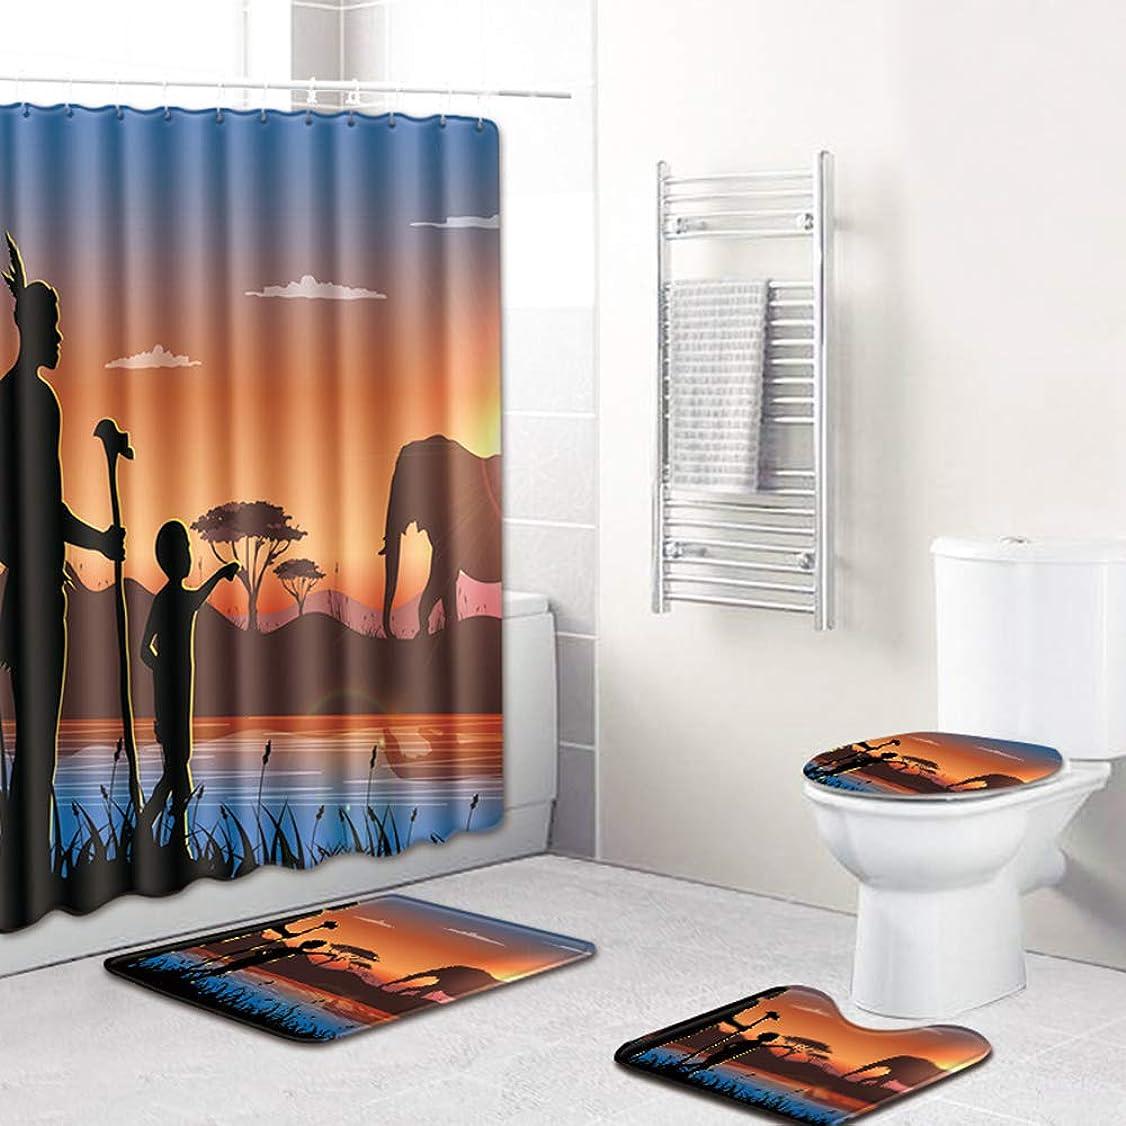 短命書き込み衝突コース4ピースアフリカスタイルの風景ポリエステルシャワーカーテンセット非スリップラグカーペット用浴室トイレフランネル風呂マットセット (A1)